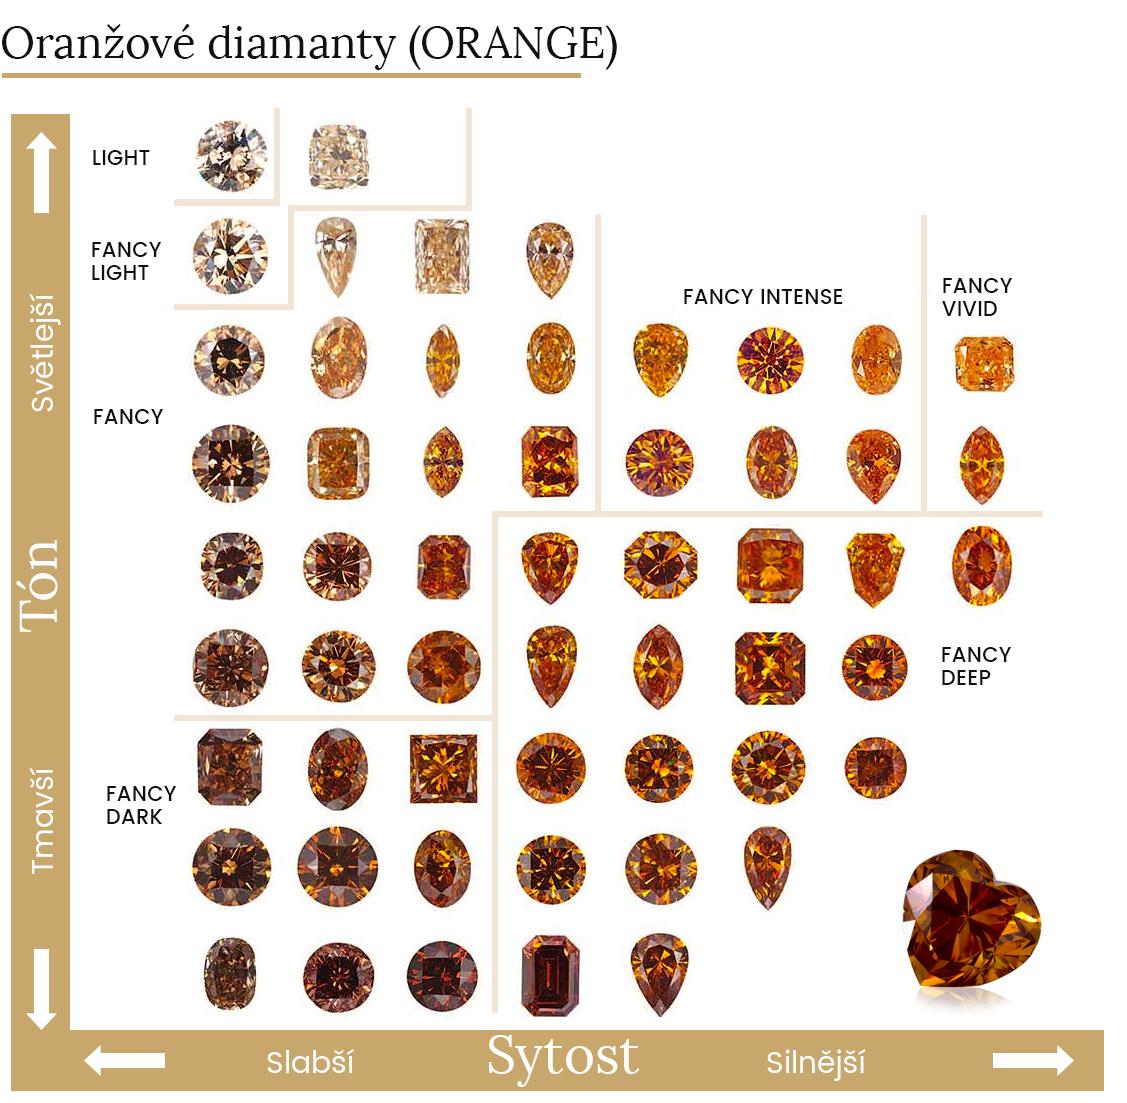 Barevné varianty oranžových diamantů